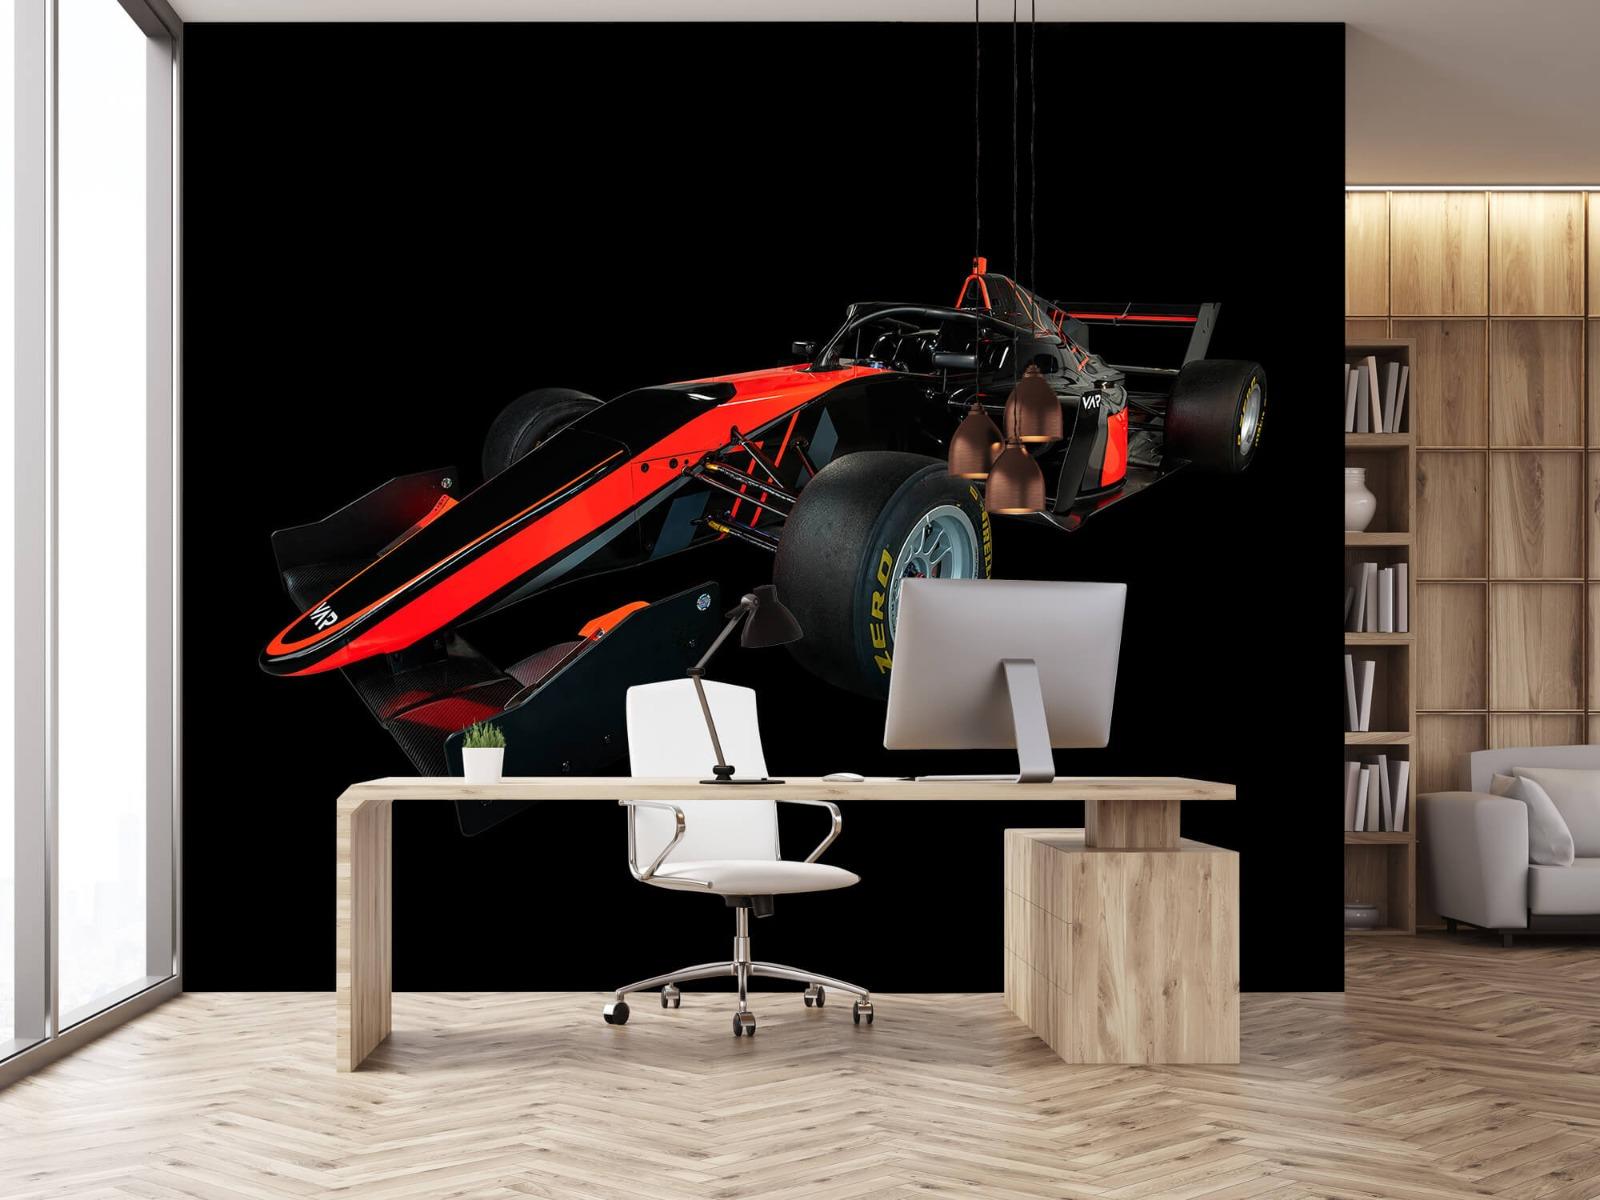 Sportauto's - Formule 3 - Left front view - dark - Vergaderruimte 24